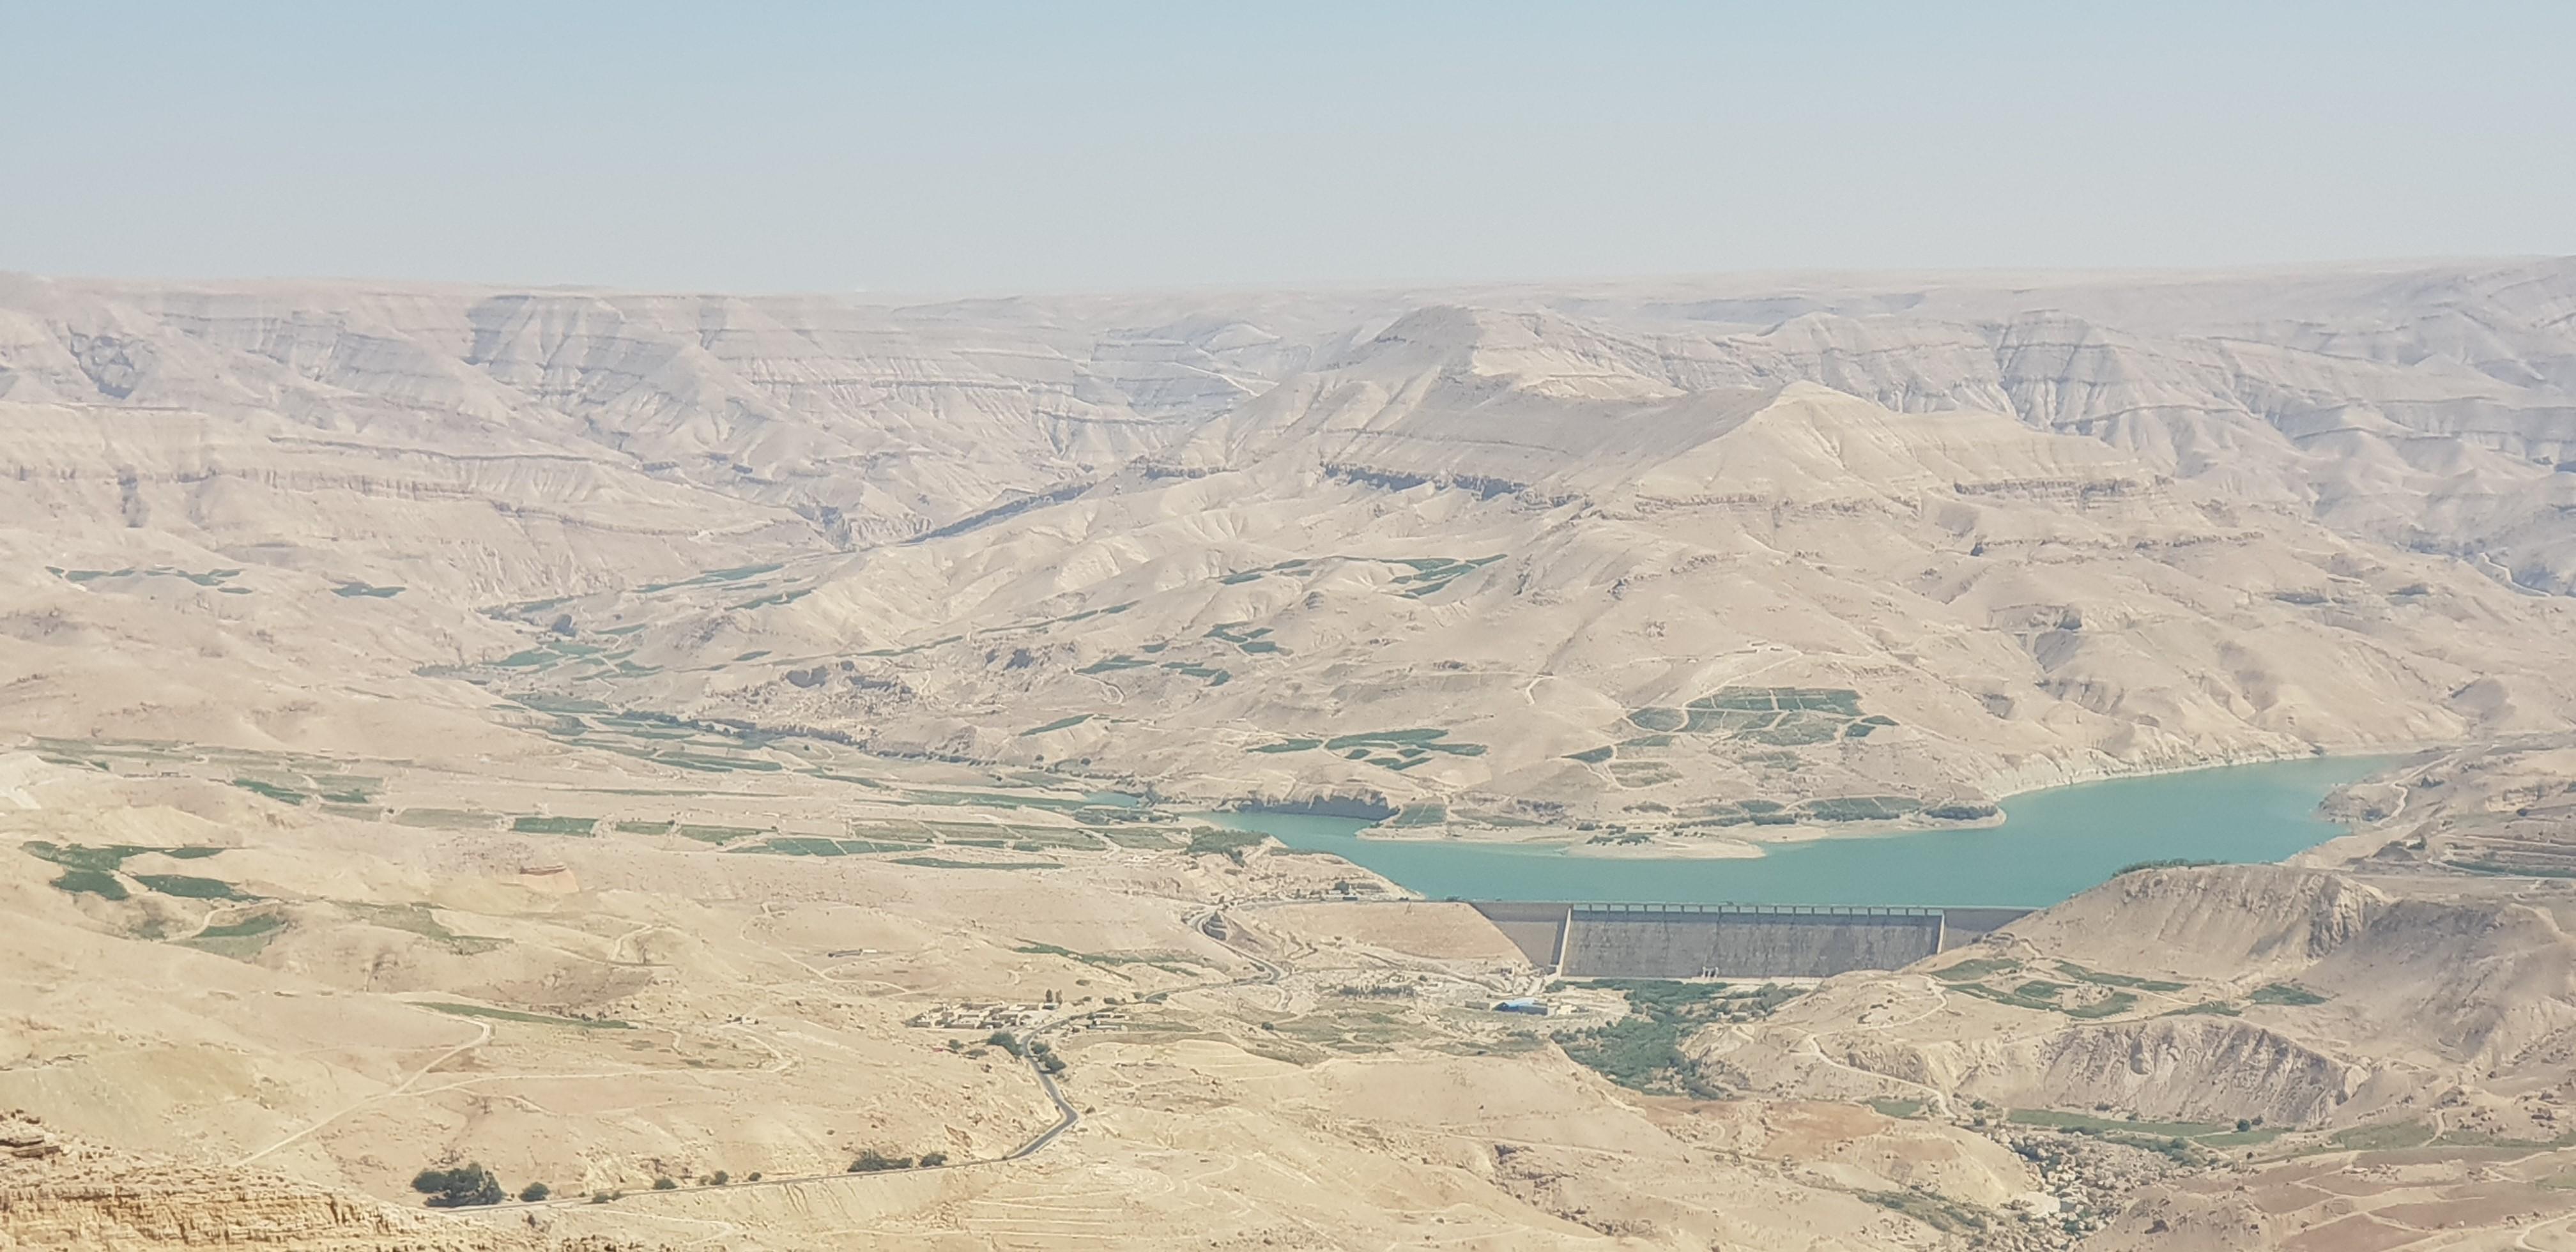 jordanie _13_.jpg